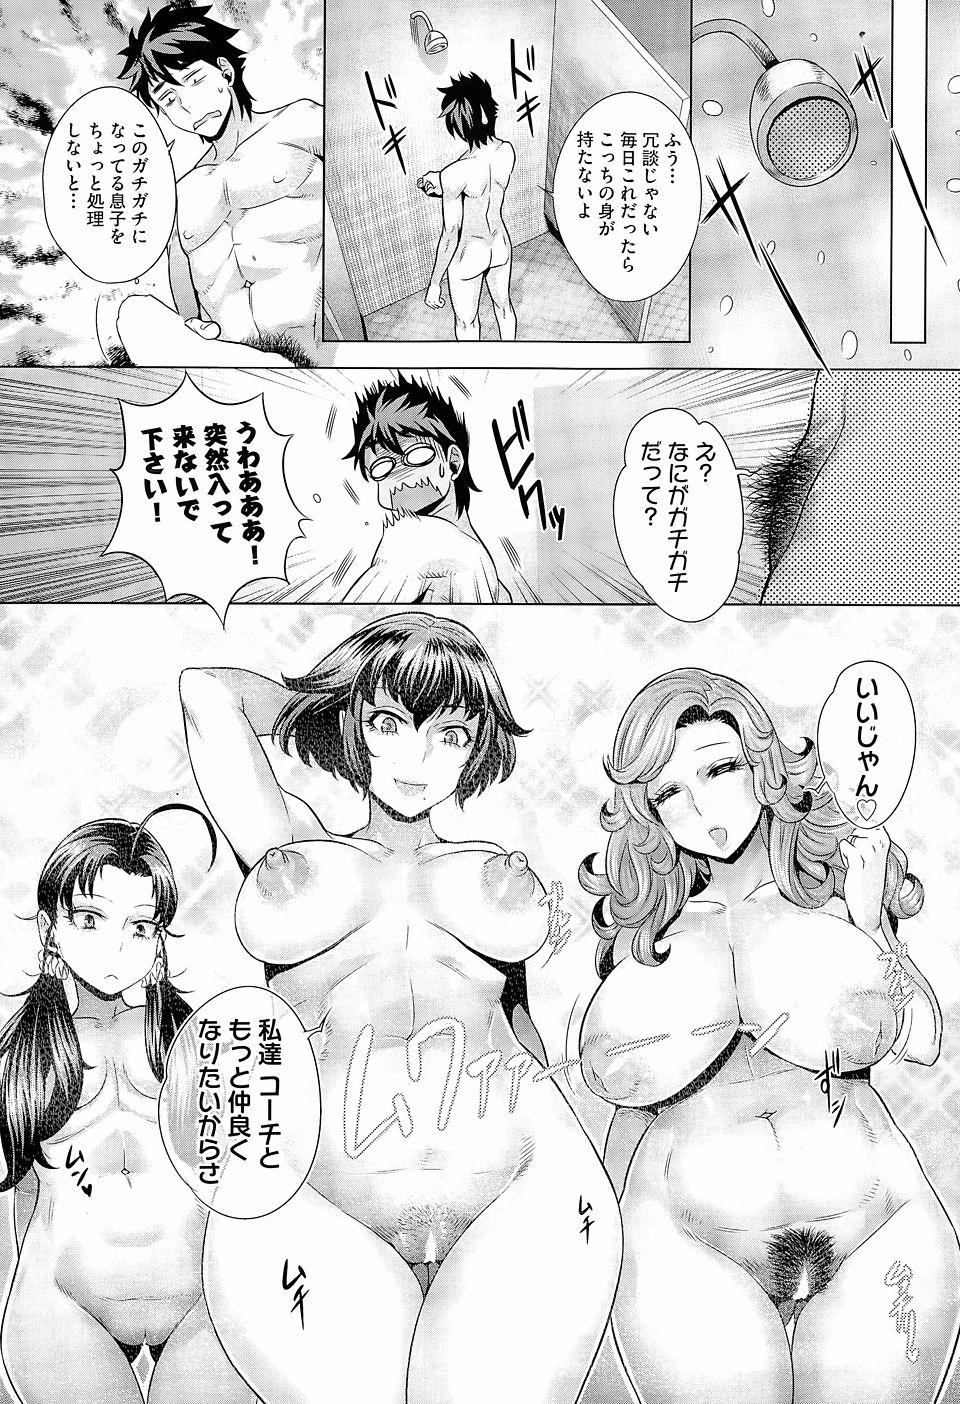 【エロ漫画・エロ同人誌】巨乳人妻達がやってるママさんバレーのコーチに行ったら誘惑されてるんだがwww (7)